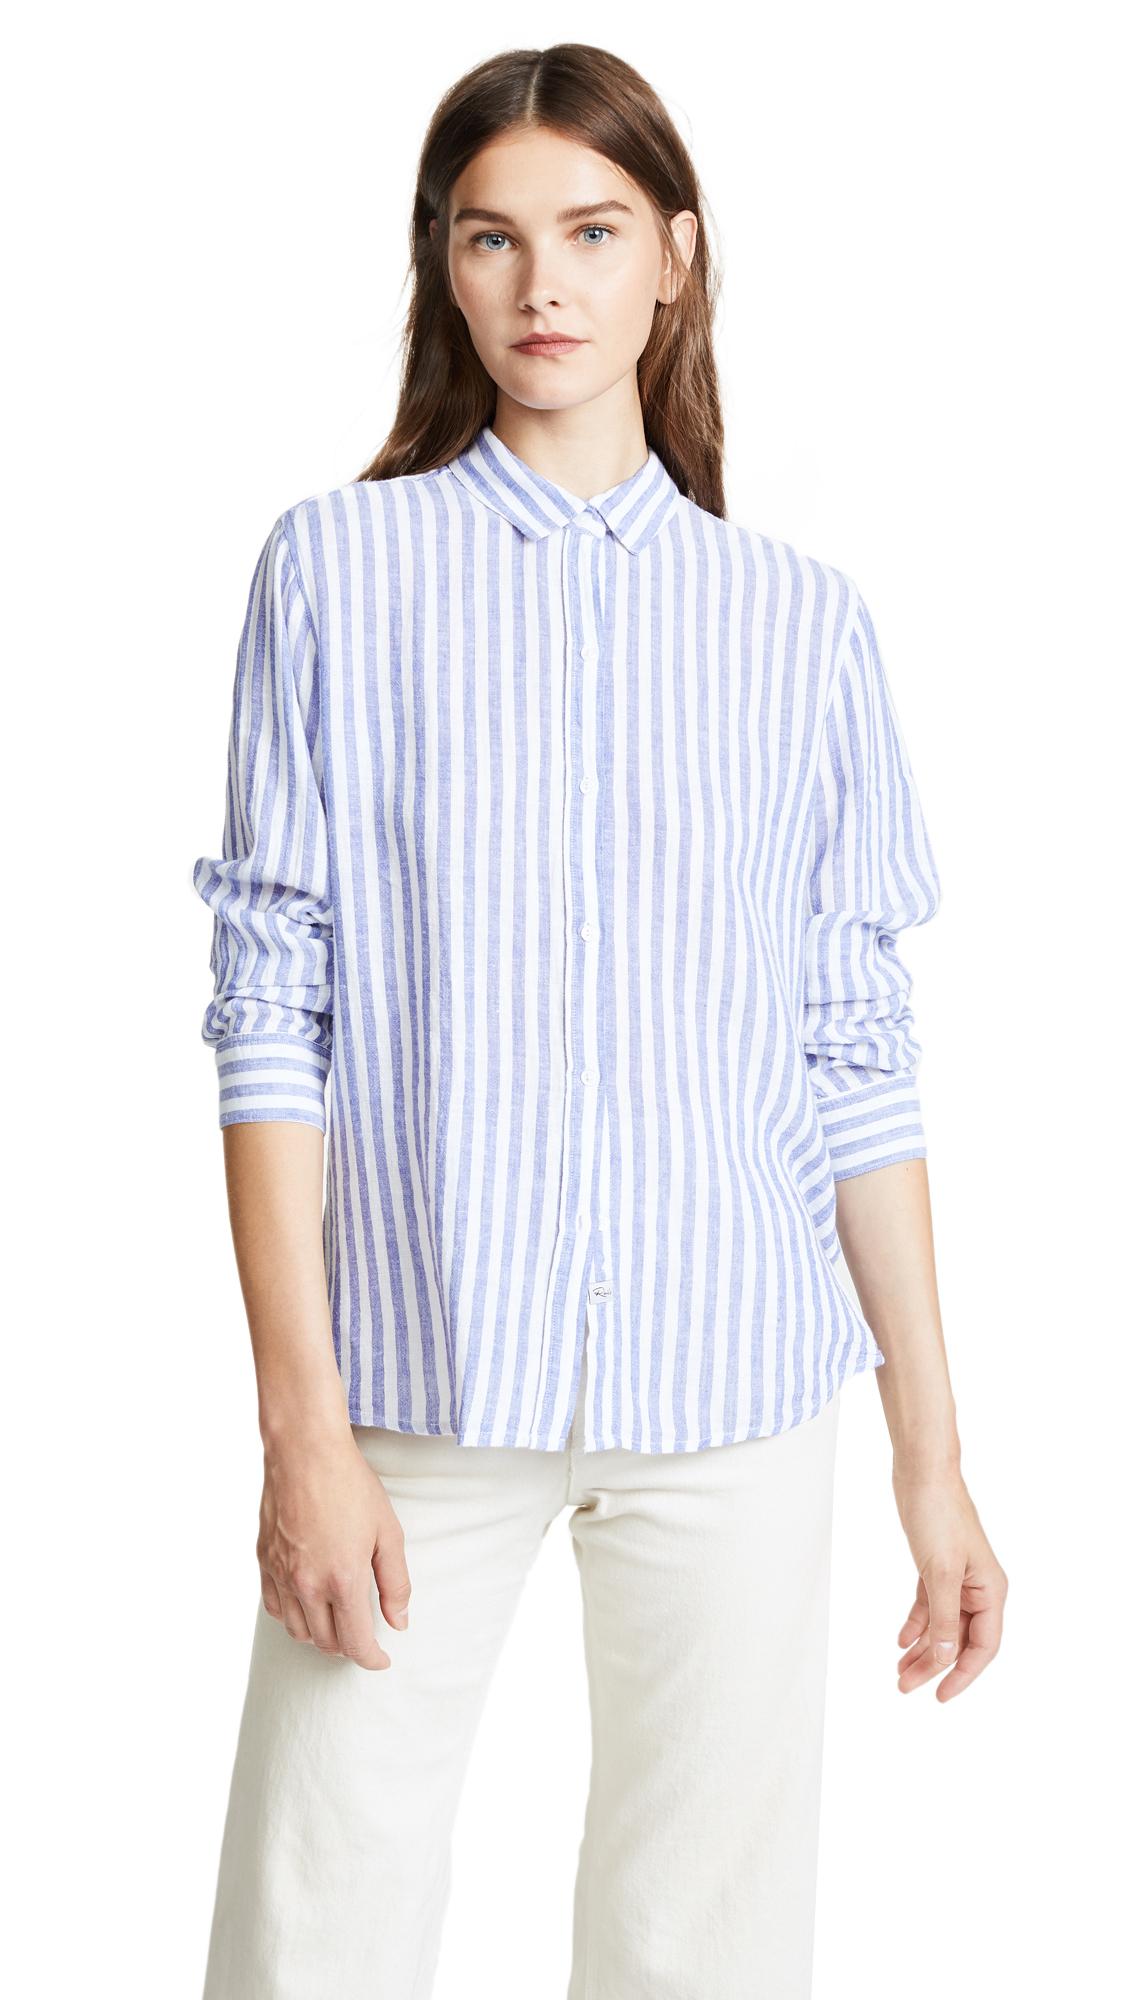 RAILS Sydney Button Down Shirt In Boracay Stripe